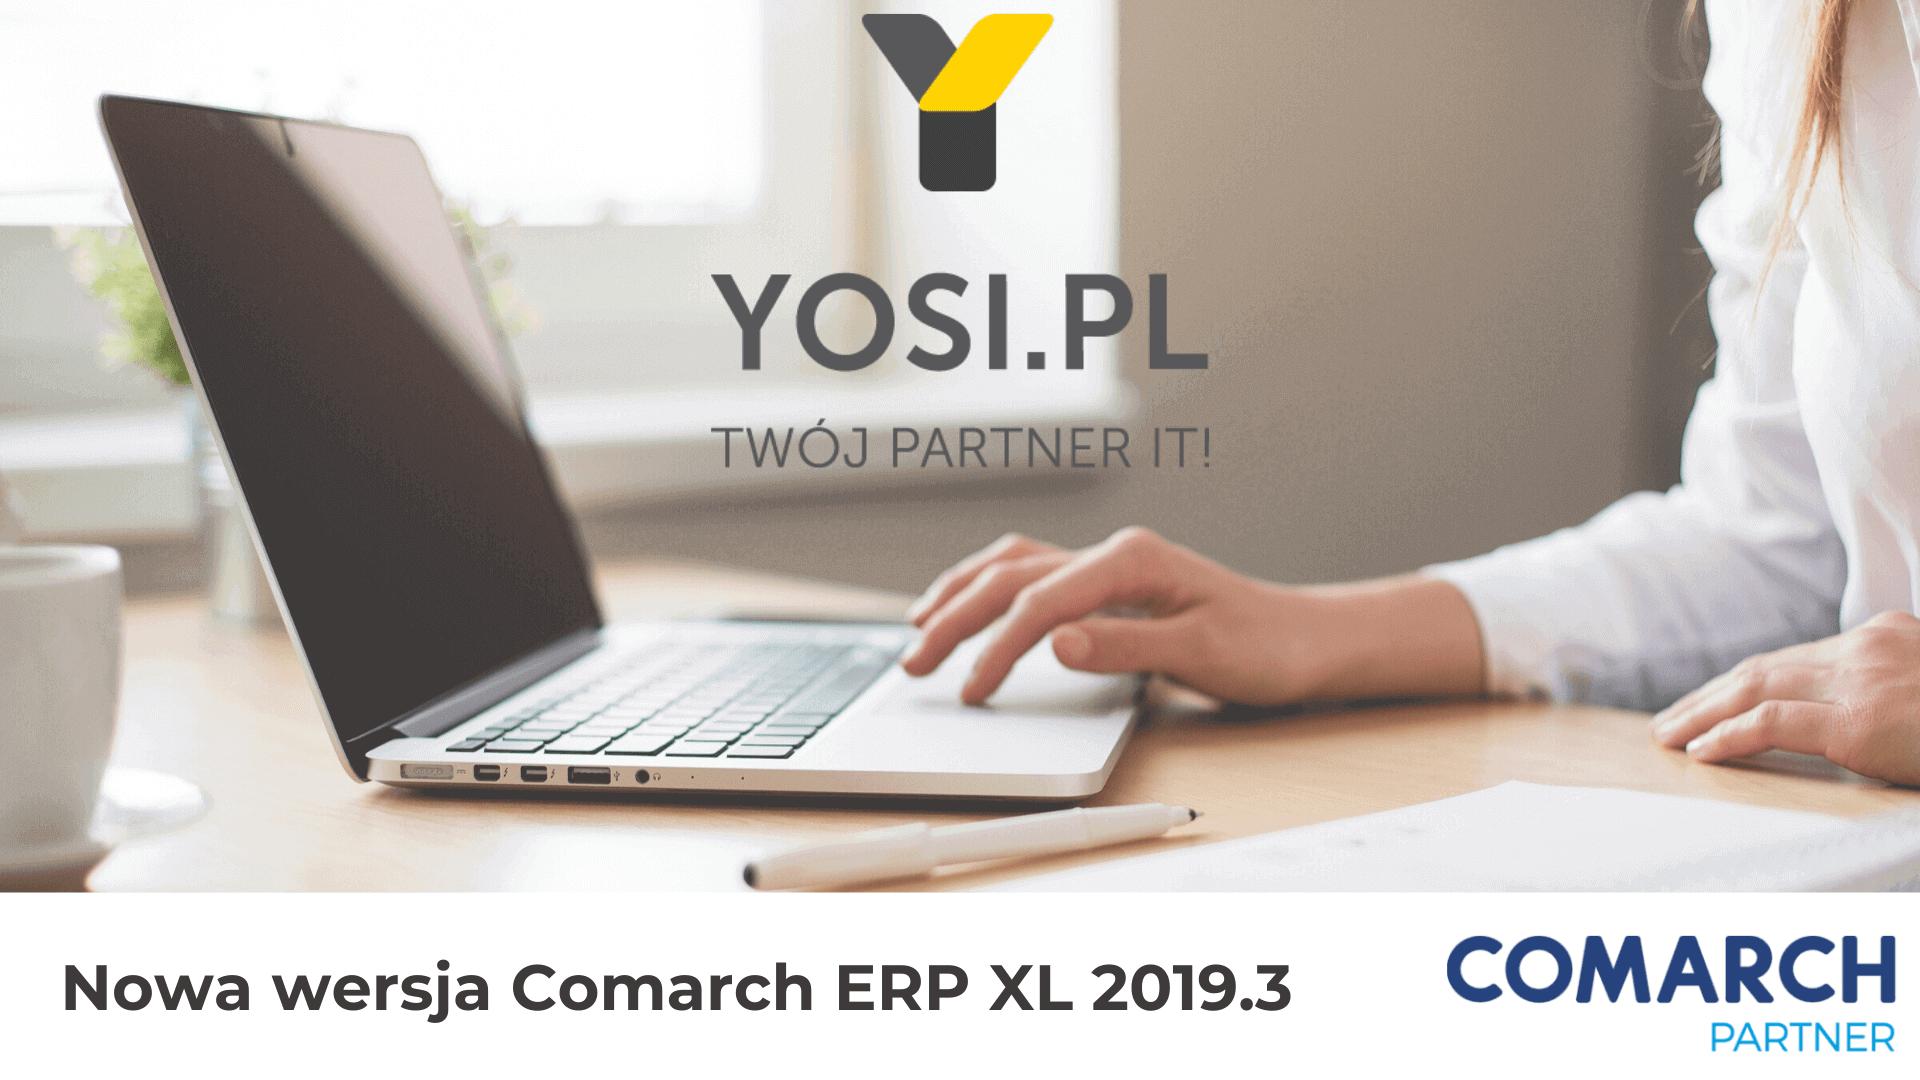 Nowa wersja Comarch XL - YOSI.PL Twój Partner )